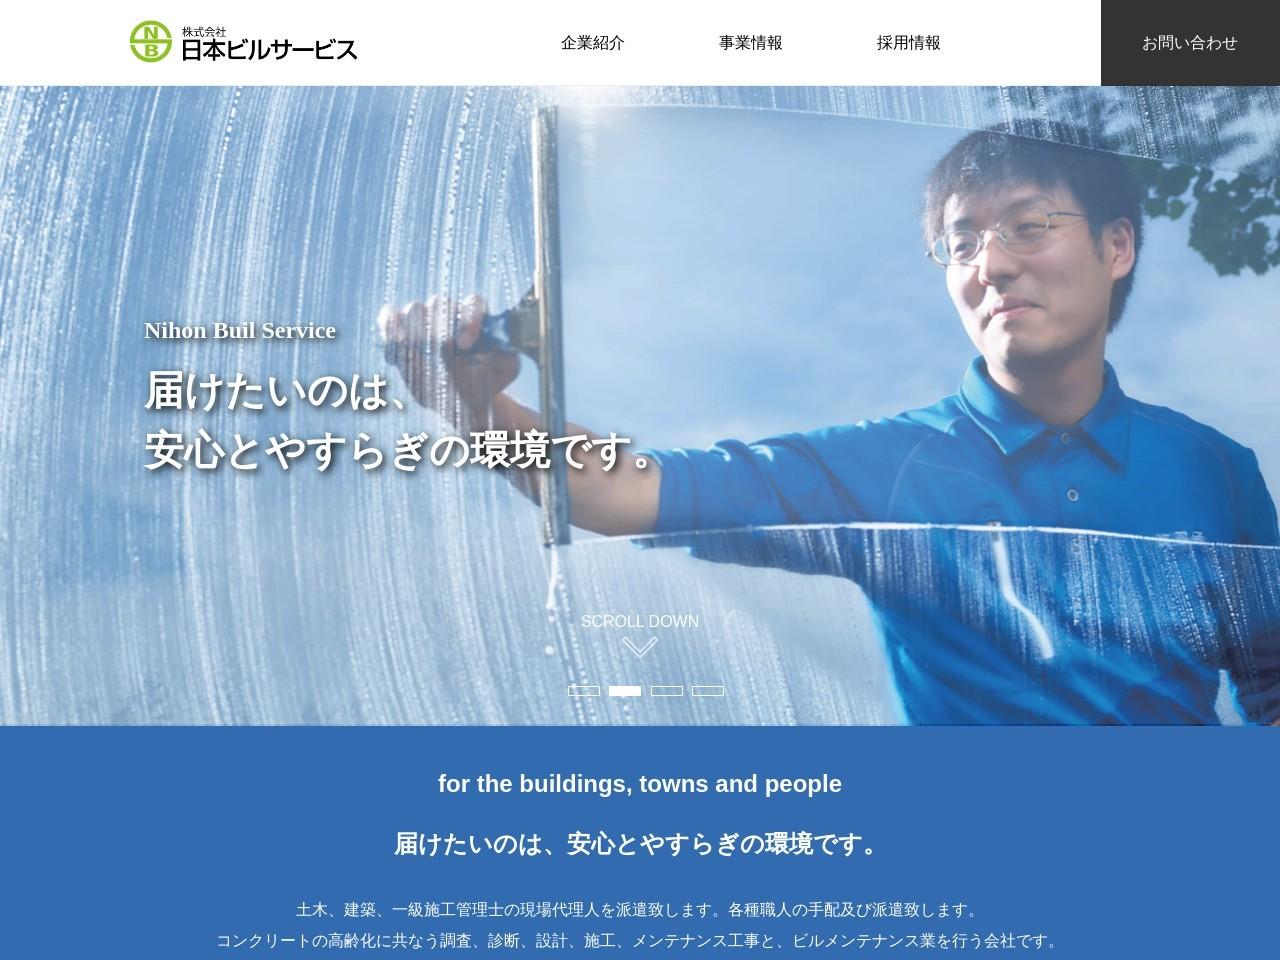 株式会社日本ビルサービス